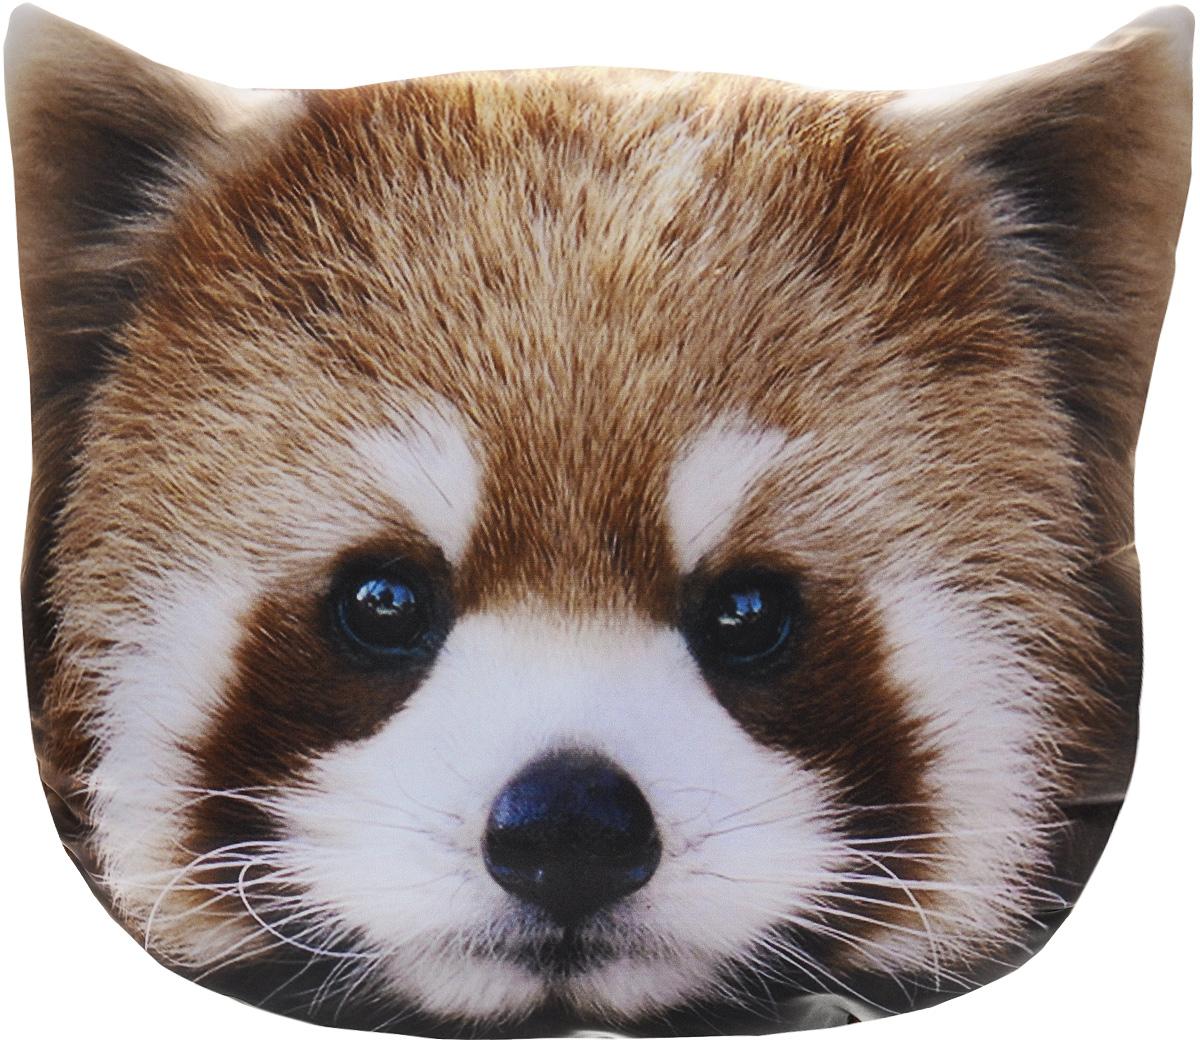 Подушка декоративная GiftnHome Красная панда, 40 х 40 cмWUB 5647 weisДекоративная подушка GiftnHome Красная панда - это яркое украшение вашего дома. Чехол выполнен из гладкого и приятного на ощупь атласа (искусственного шелка). Лицевая сторона украшена красочным изображением. Чехол застегивается на молнию. Внутренний наполнитель подушки - холлофайбер. Красивая подушка создаст в доме уют и станет прекрасным элементом декора.